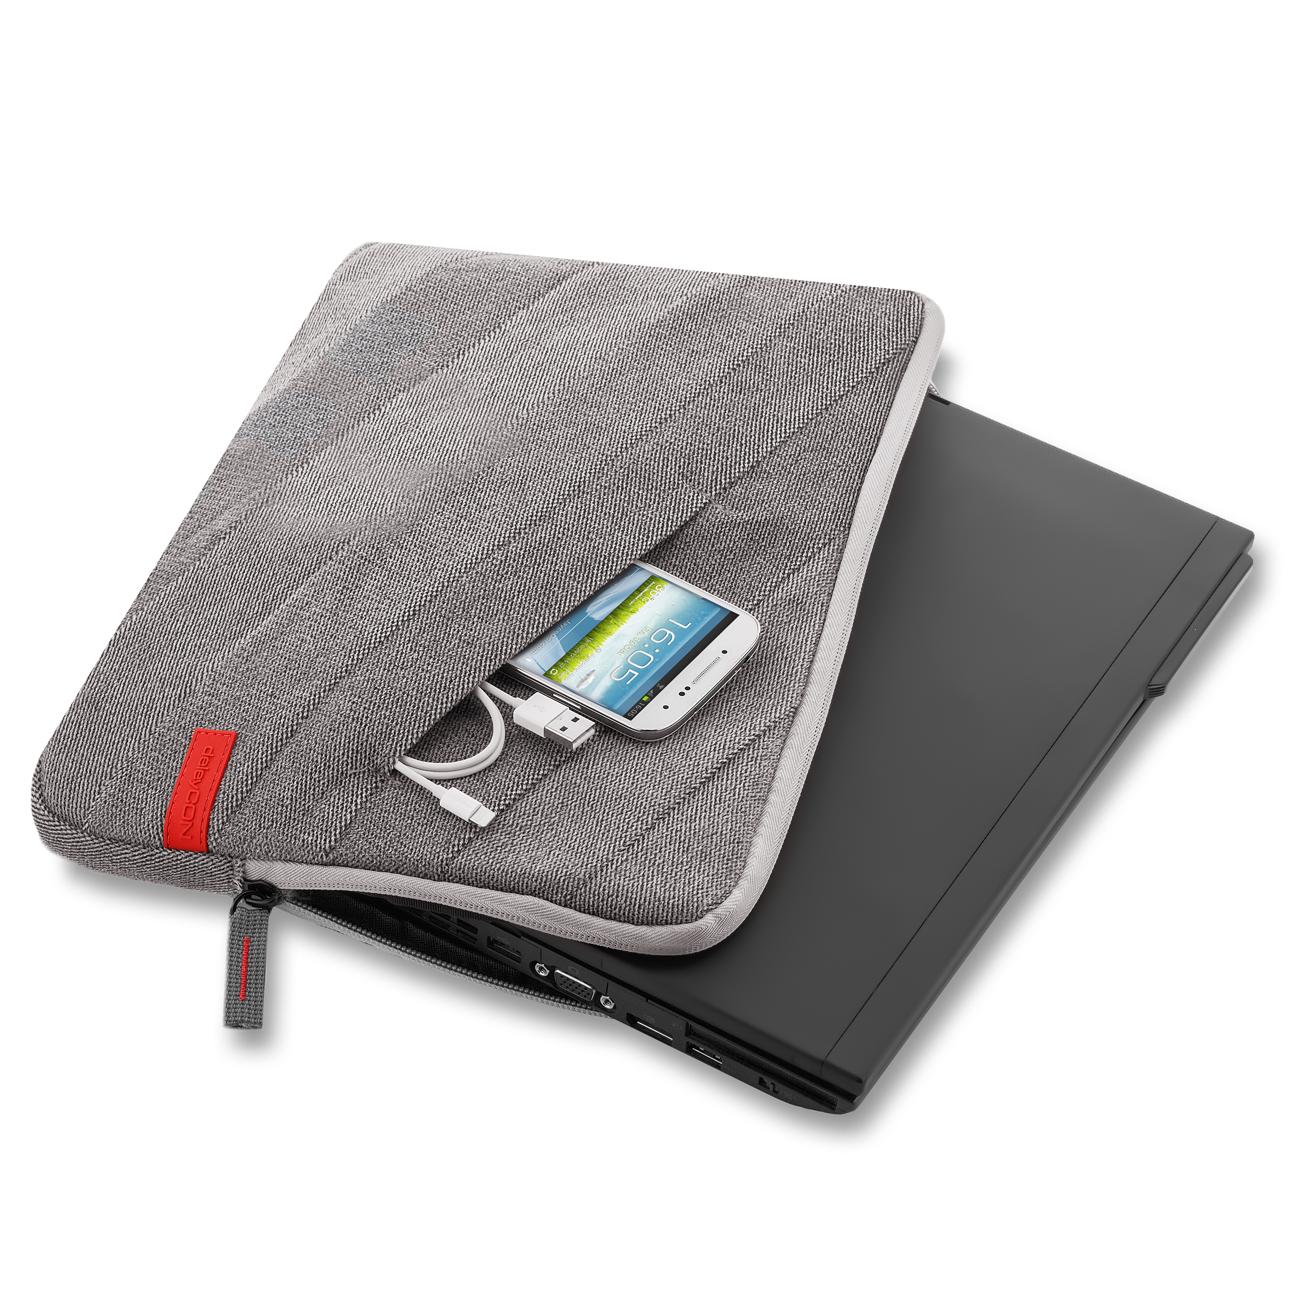 deleycon tablet tasche schutzh lle case f r tablets. Black Bedroom Furniture Sets. Home Design Ideas